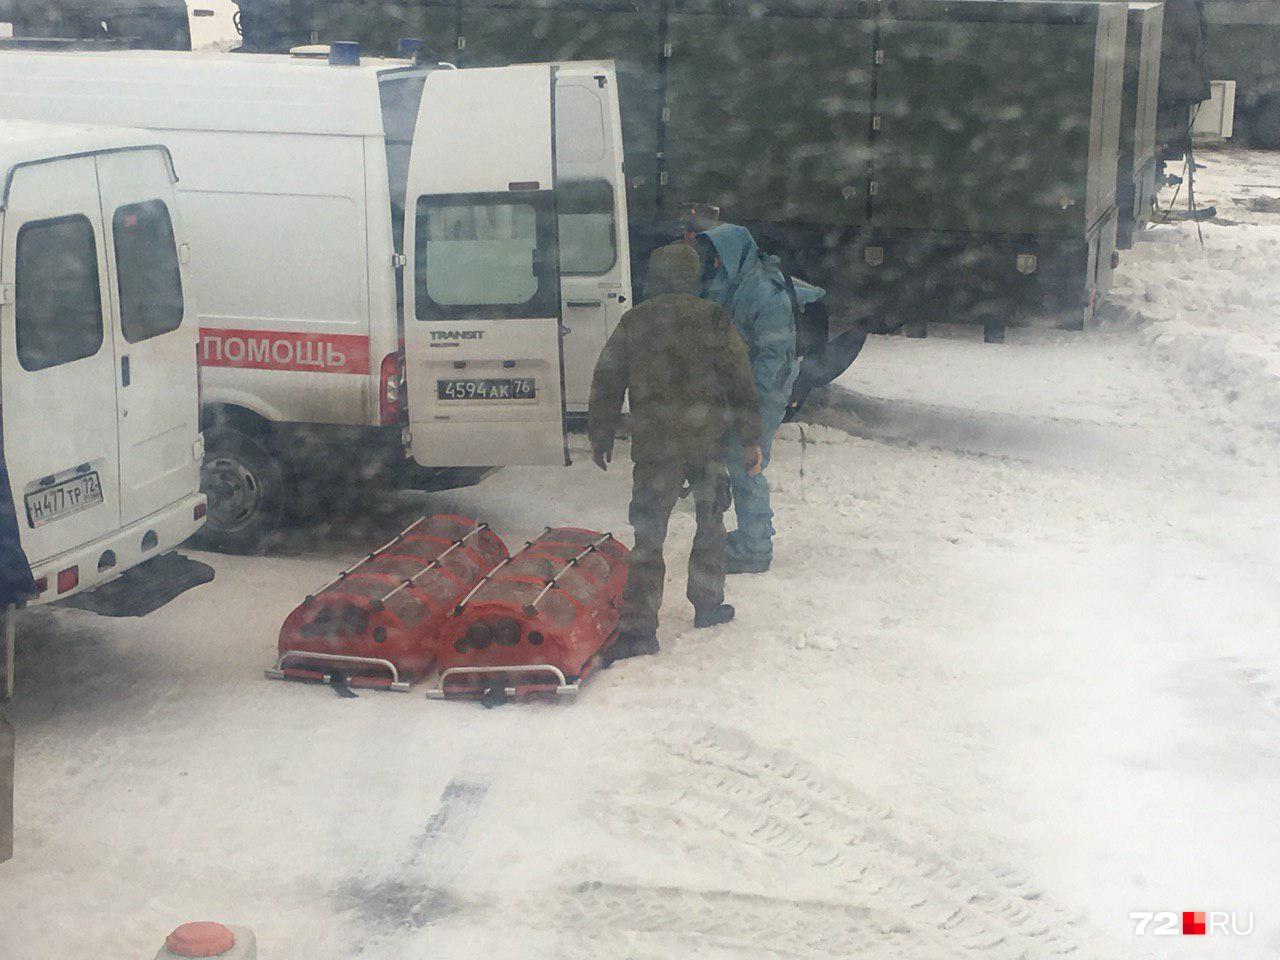 Сообщалось, что все россияне, эвакуированные из Ухани, здоровы